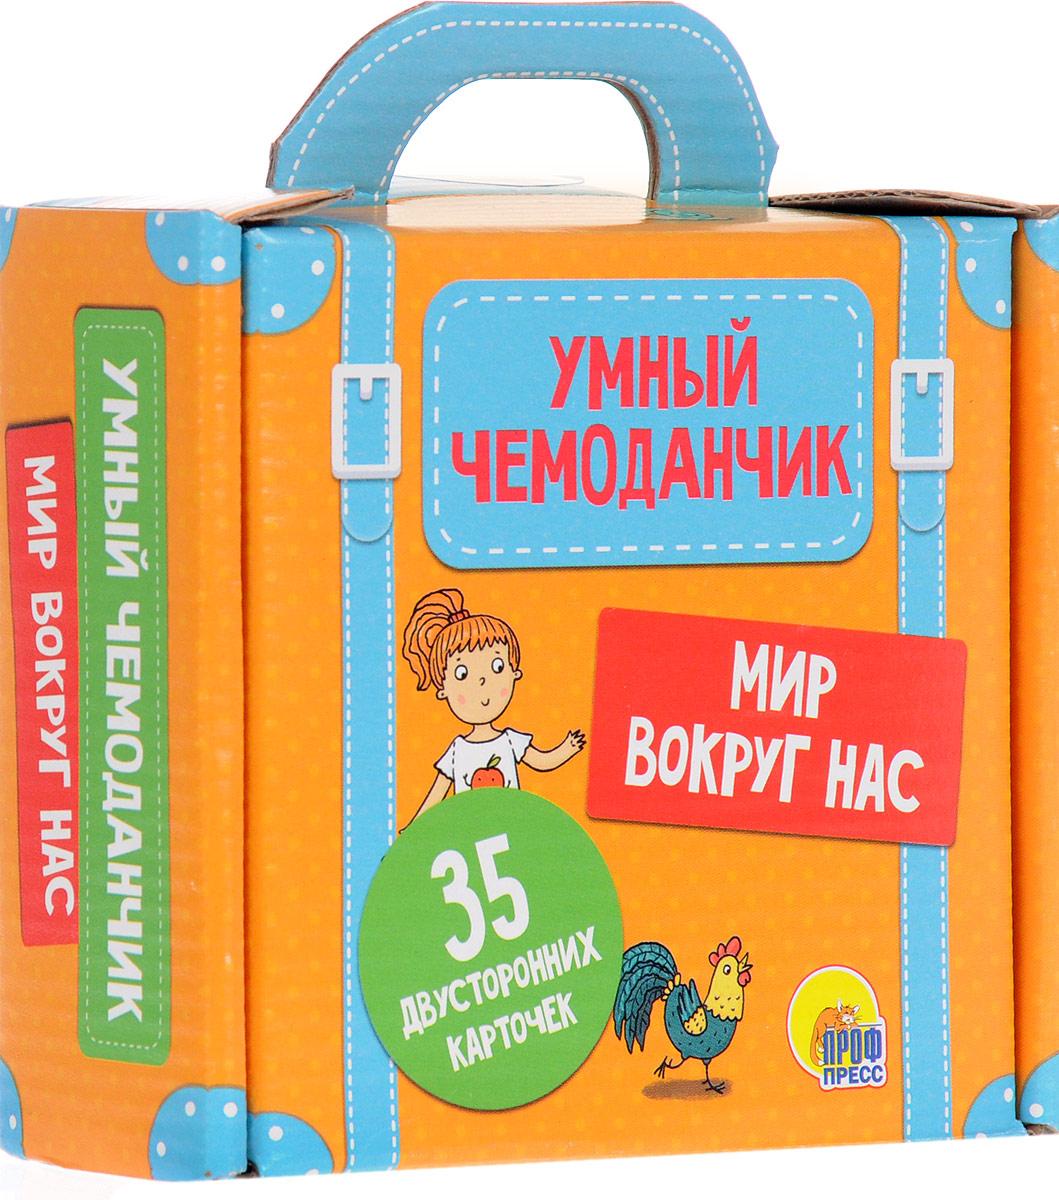 Проф-пресс Обучающие карточки Умный чемоданчик Мир вокруг нас проф пресс обучающие карточки умный чемоданчик животные и их детеныши